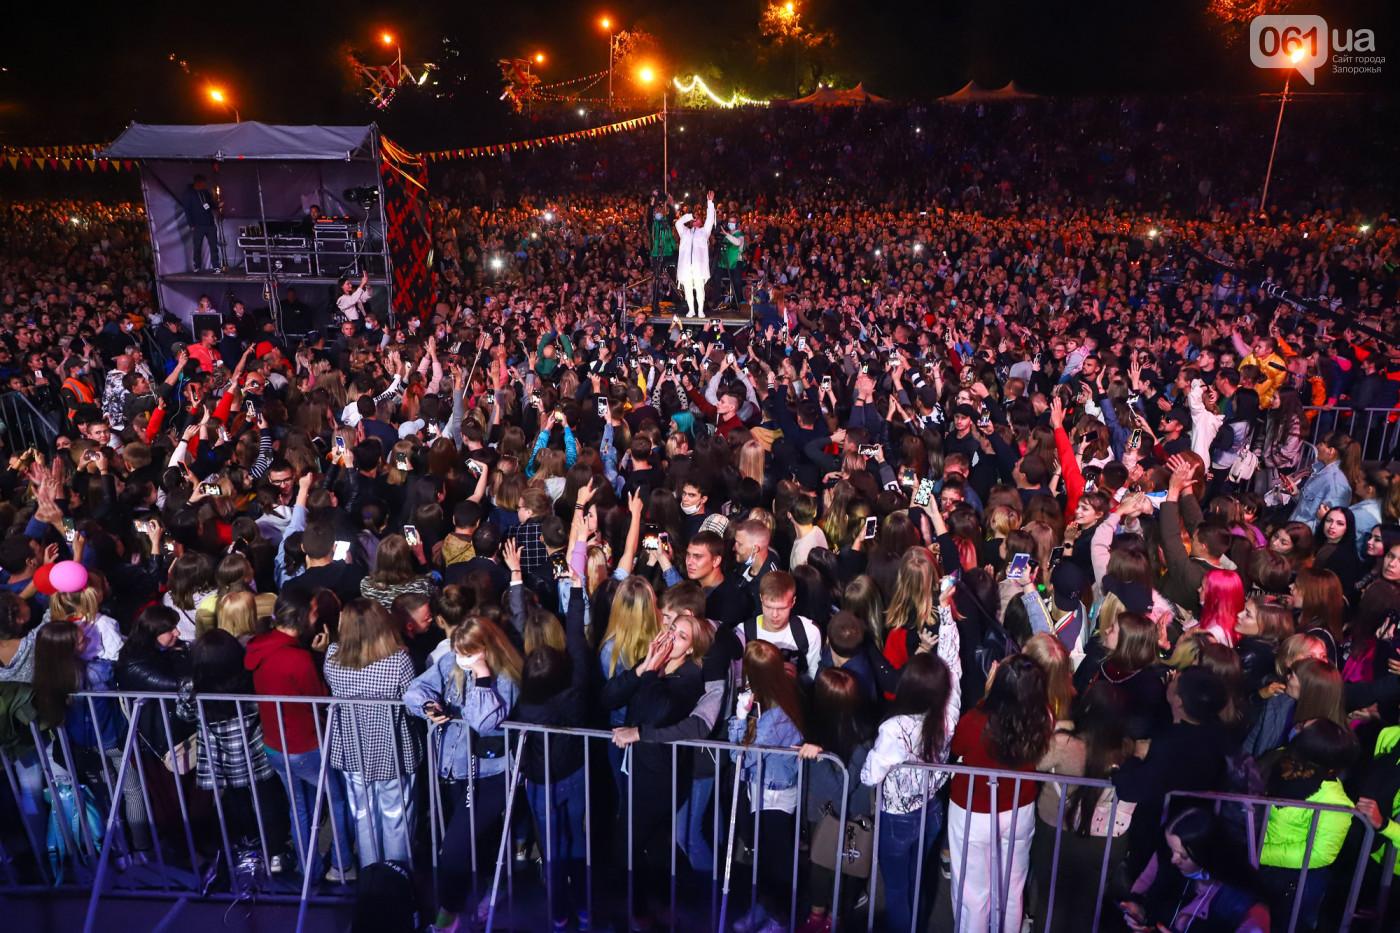 Фестиваль в Запорожье